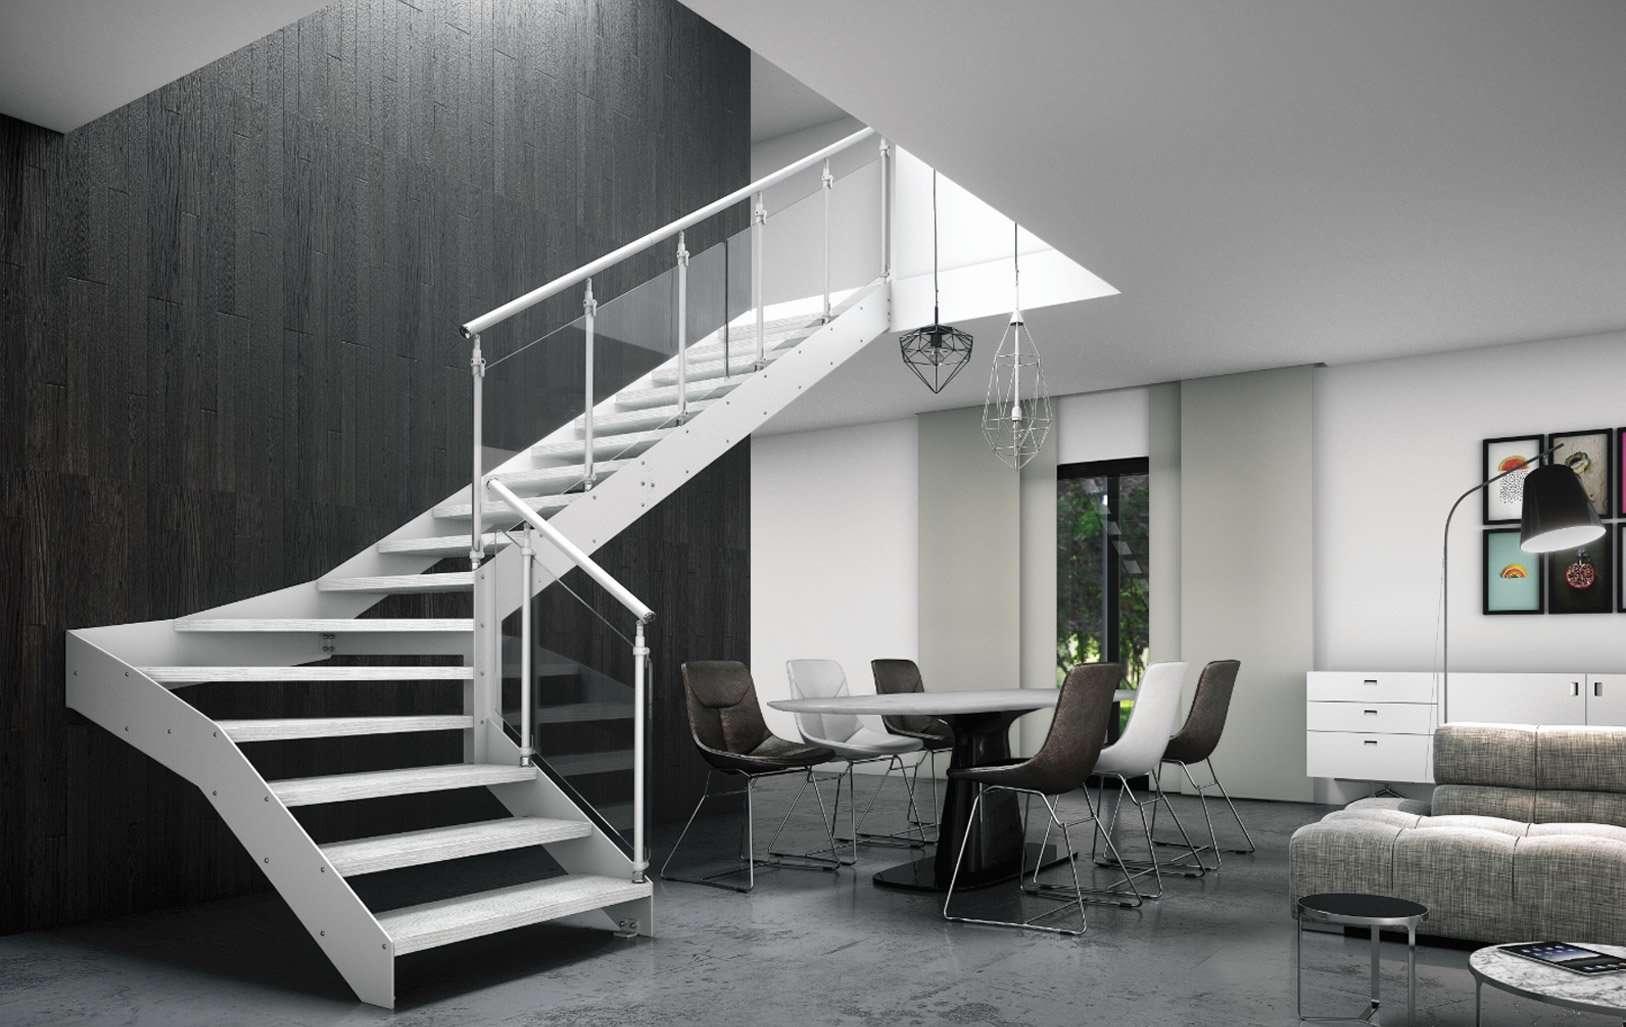 Rexal rg for Immagini design interni